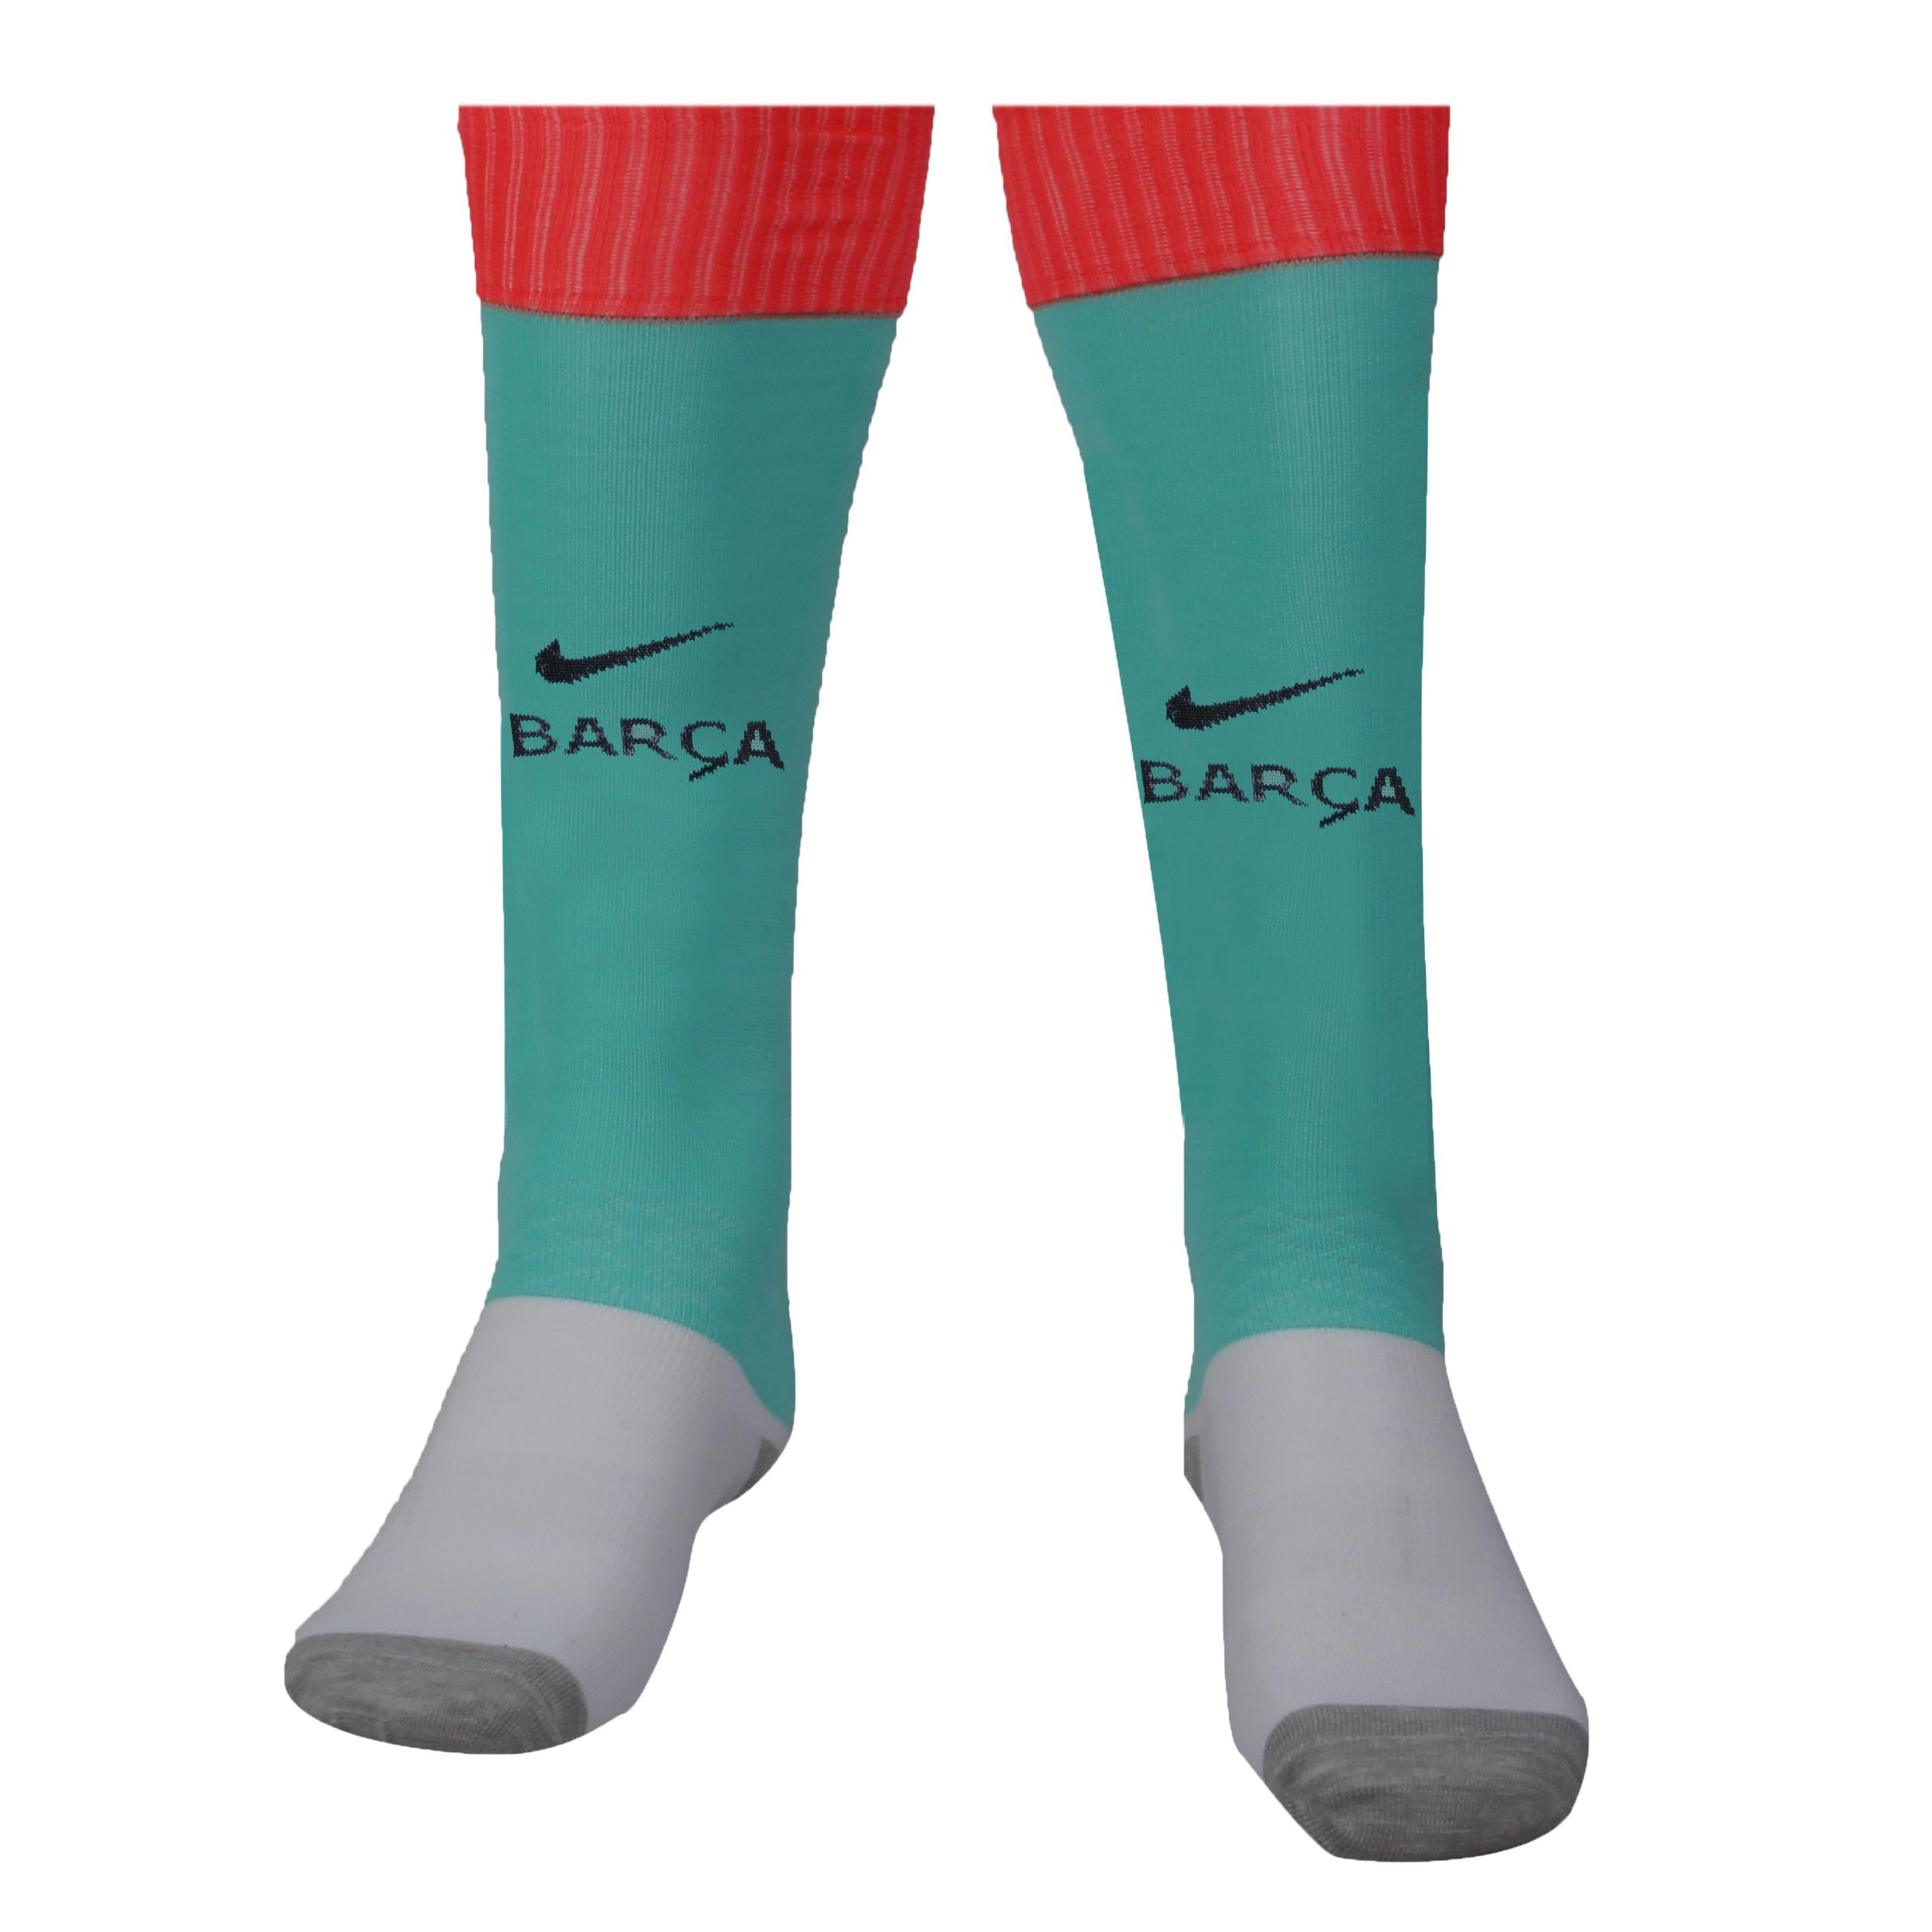 ست 4 تکه لباس ورزشی پسرانه طرح بارسلونا مدل مسی کد 2021 3RD main 1 3